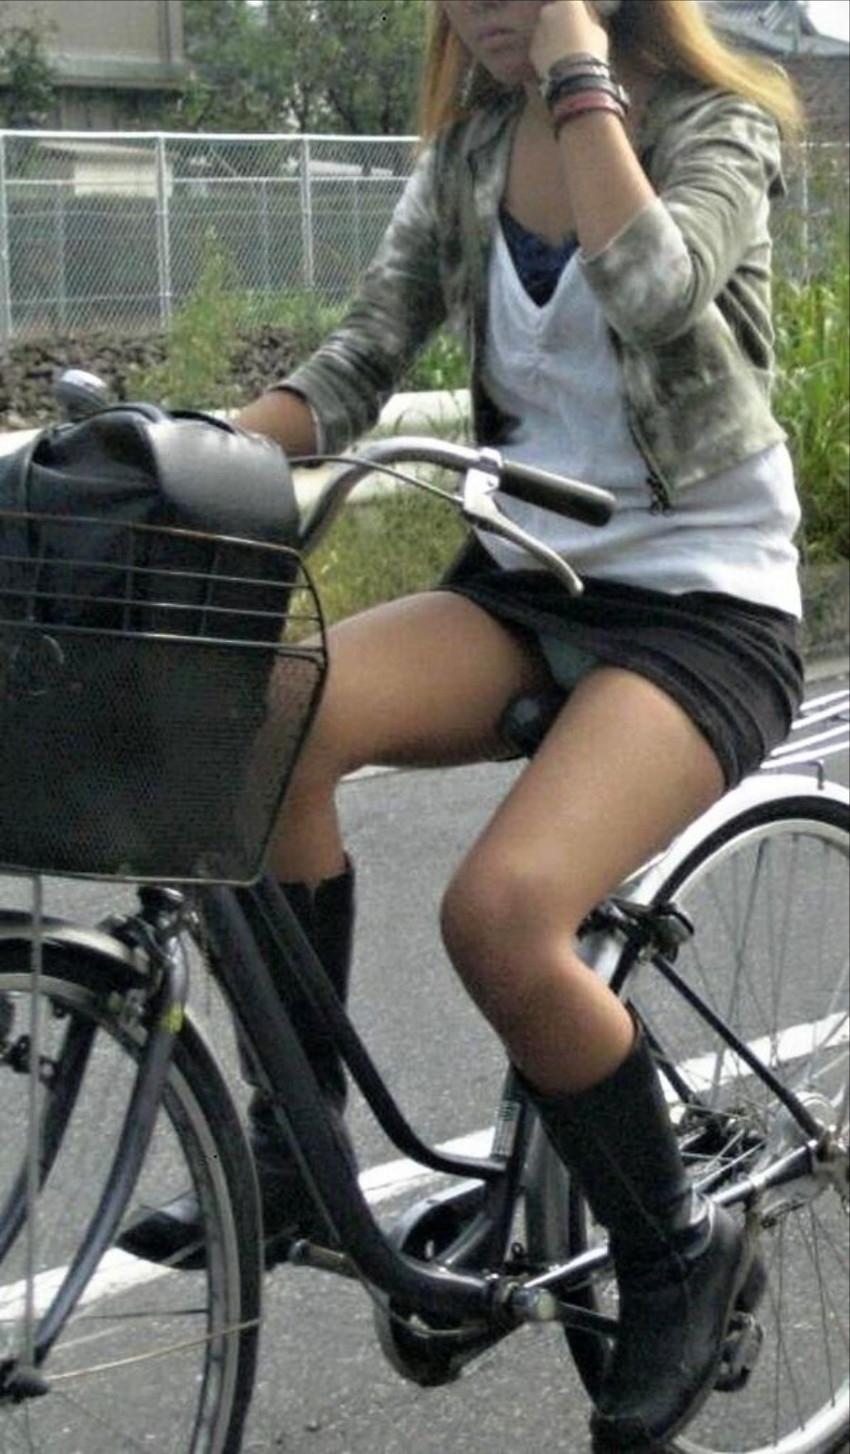 【自転車娘盗撮エロ画像】おいしそうな太ももにパンチラ!自転車娘を激写! 30